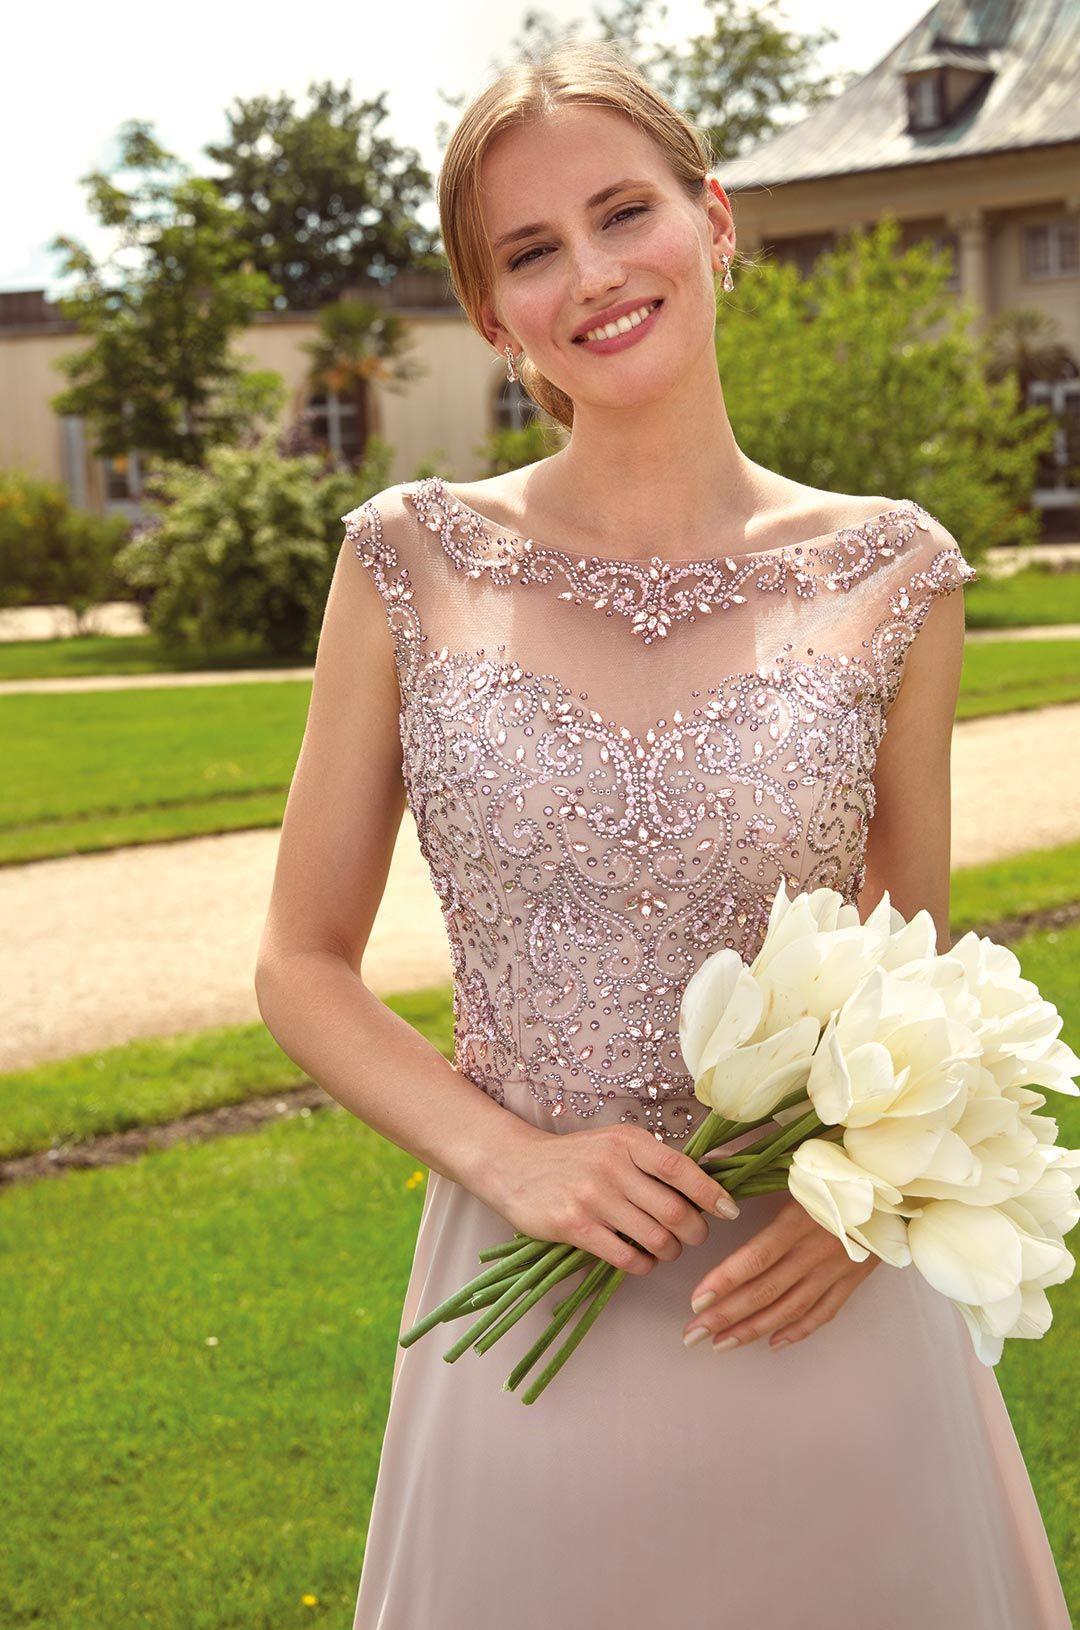 Festliches Kleid Ilena By Kleemeier Kollektion 2020 Maxikleid Abendkleid Evening Dress Festliche Kleider Kleider Festliches Kleid